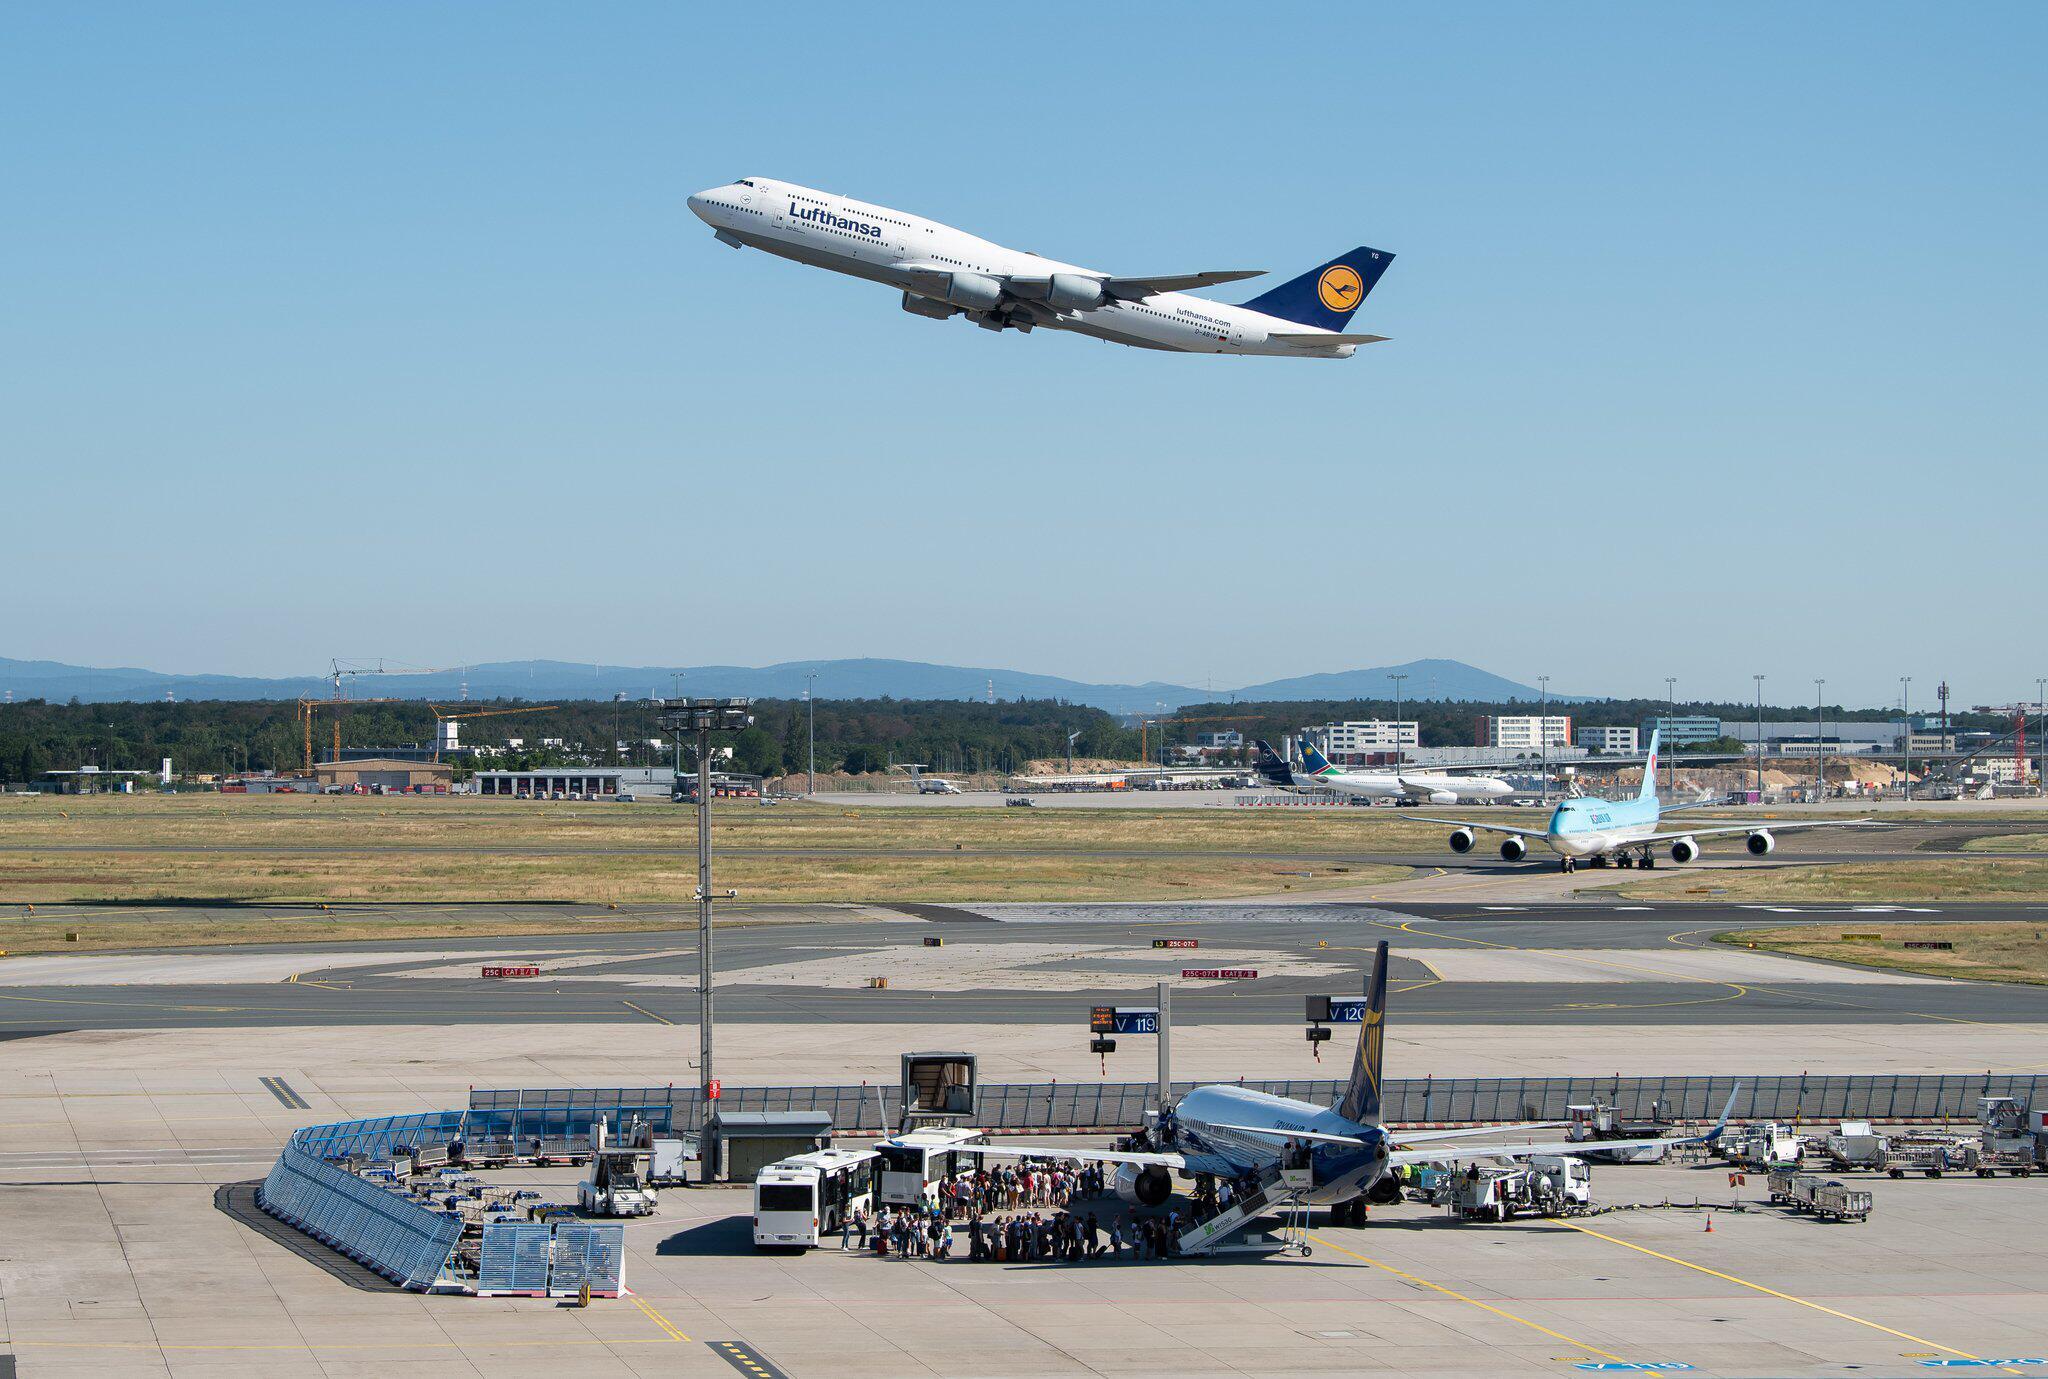 Auf Kurzstrecken: Lufthansa kämpft mit Engpass bei Bordverpflegung